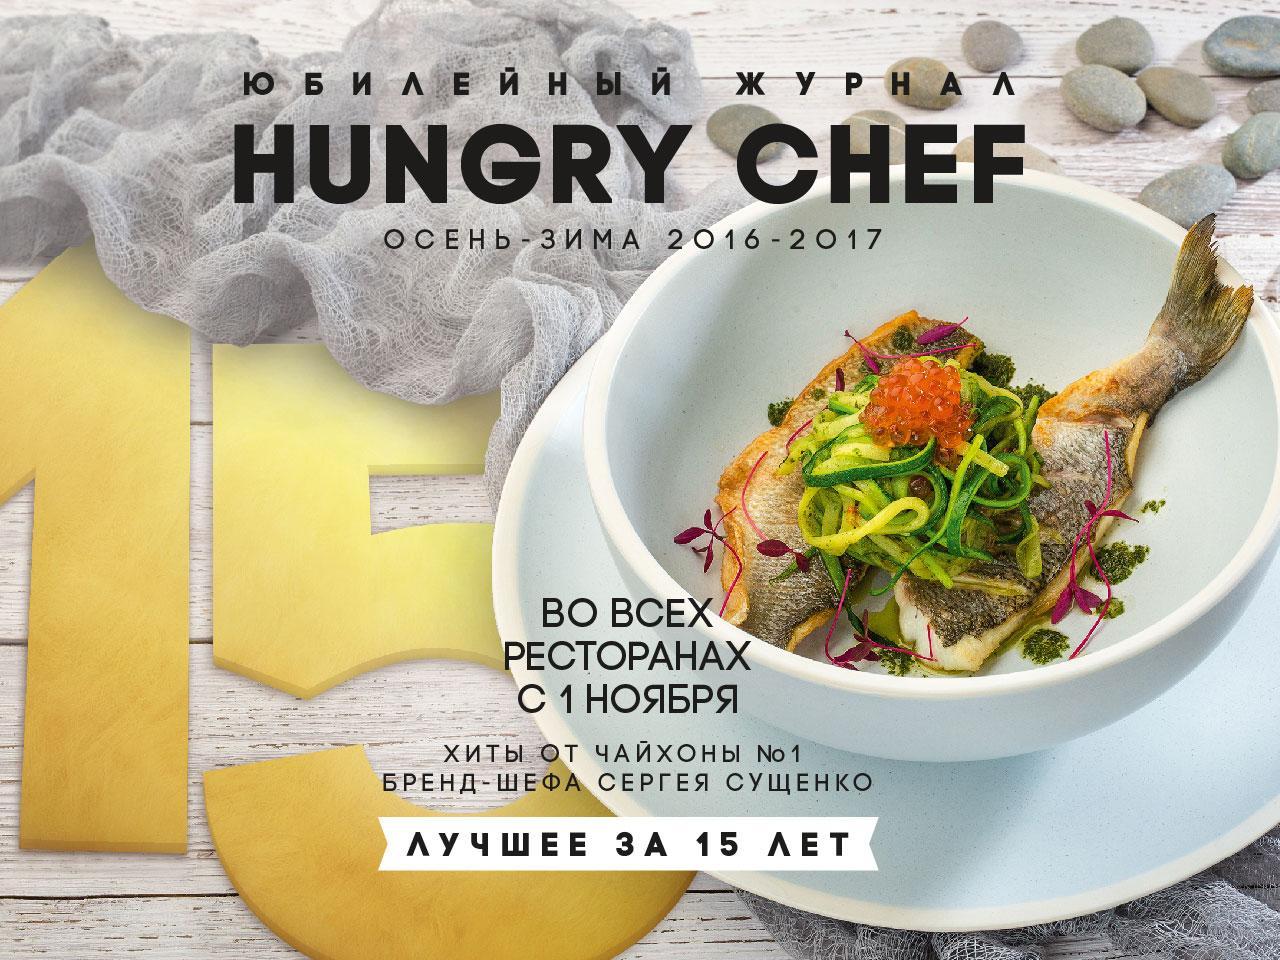 Hungry Chef, осень-зима 2016/2017